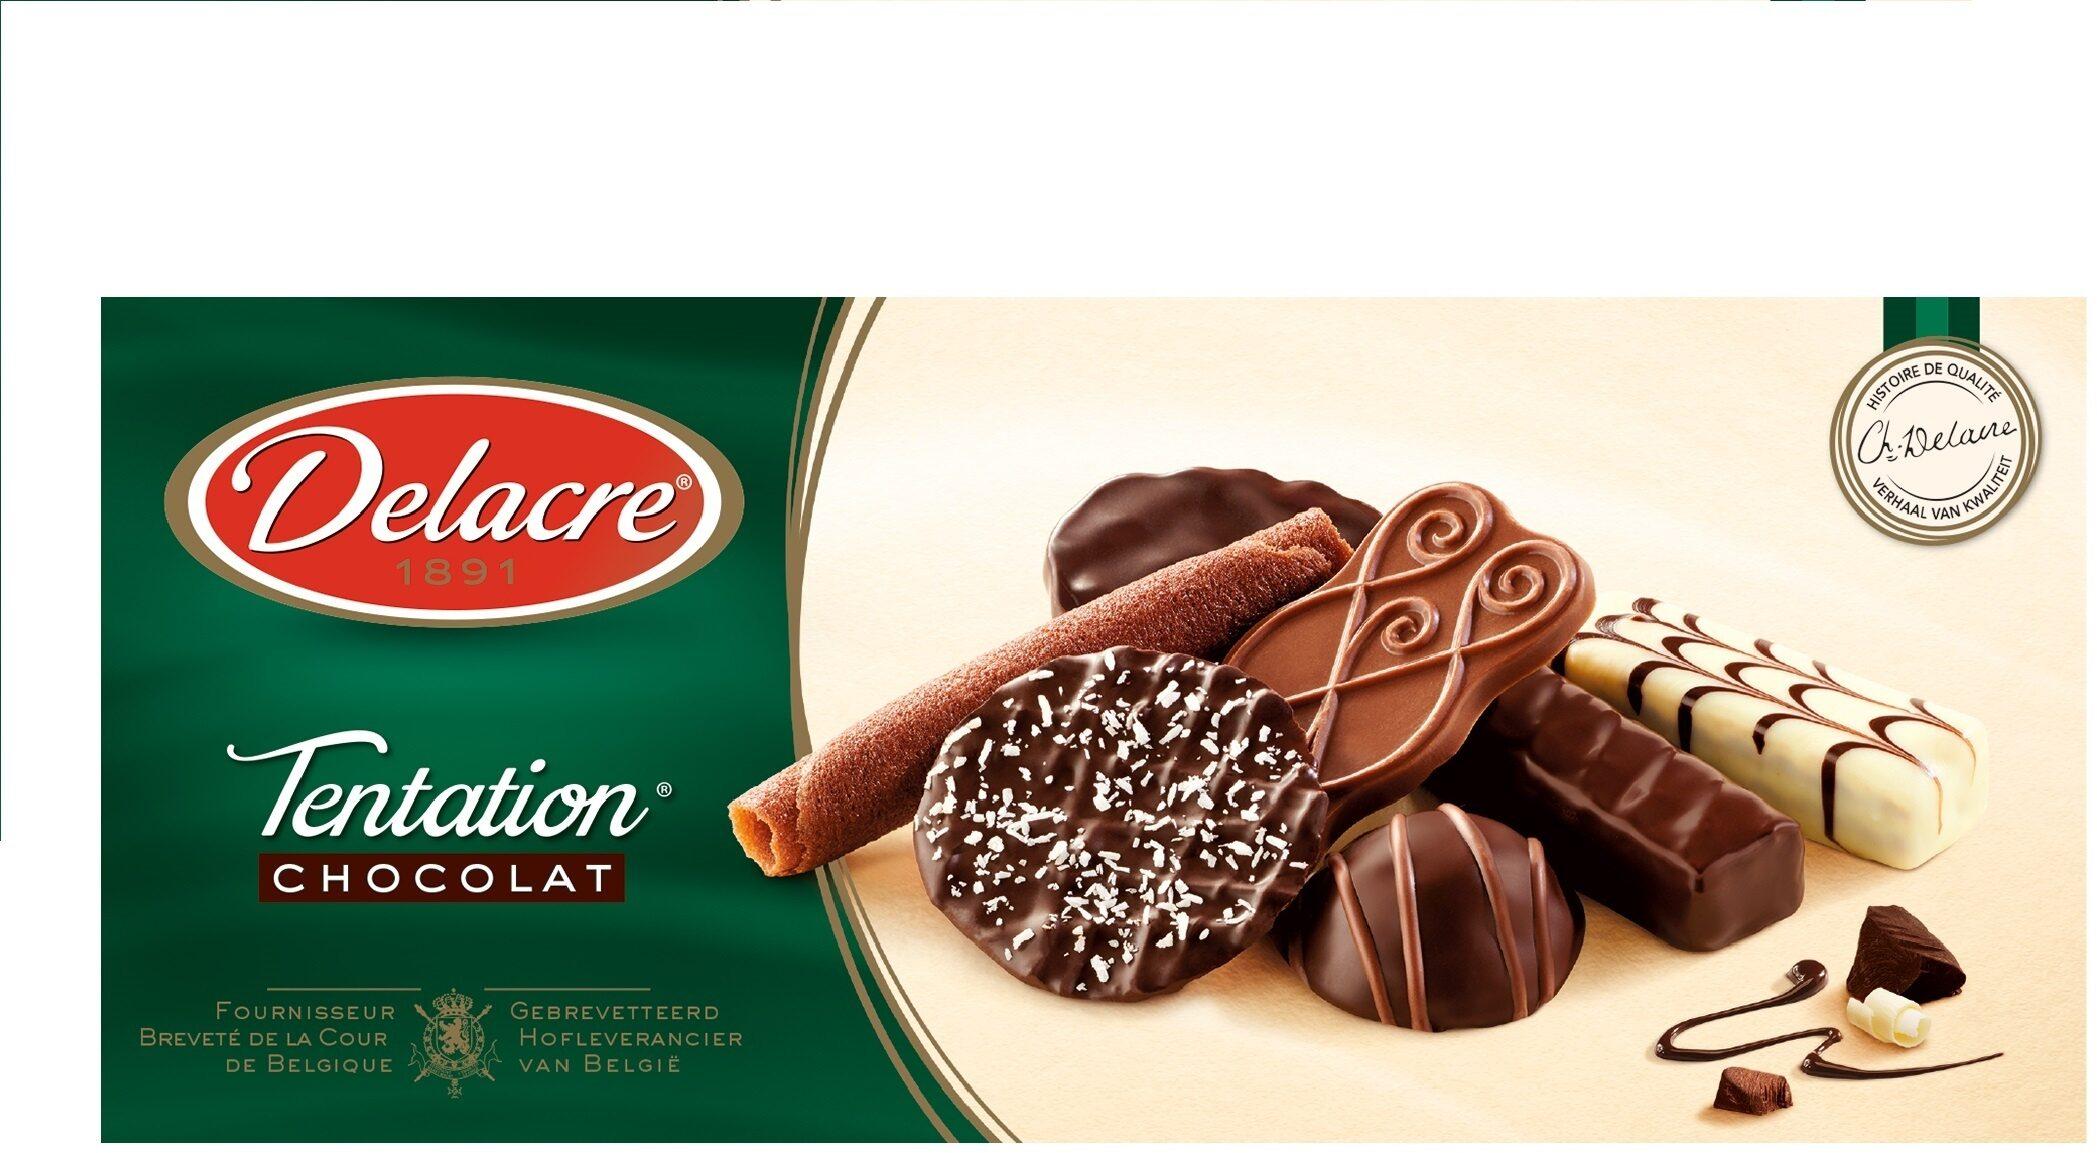 Delacre tentation chocolat assortiment biscuits - Produit - fr